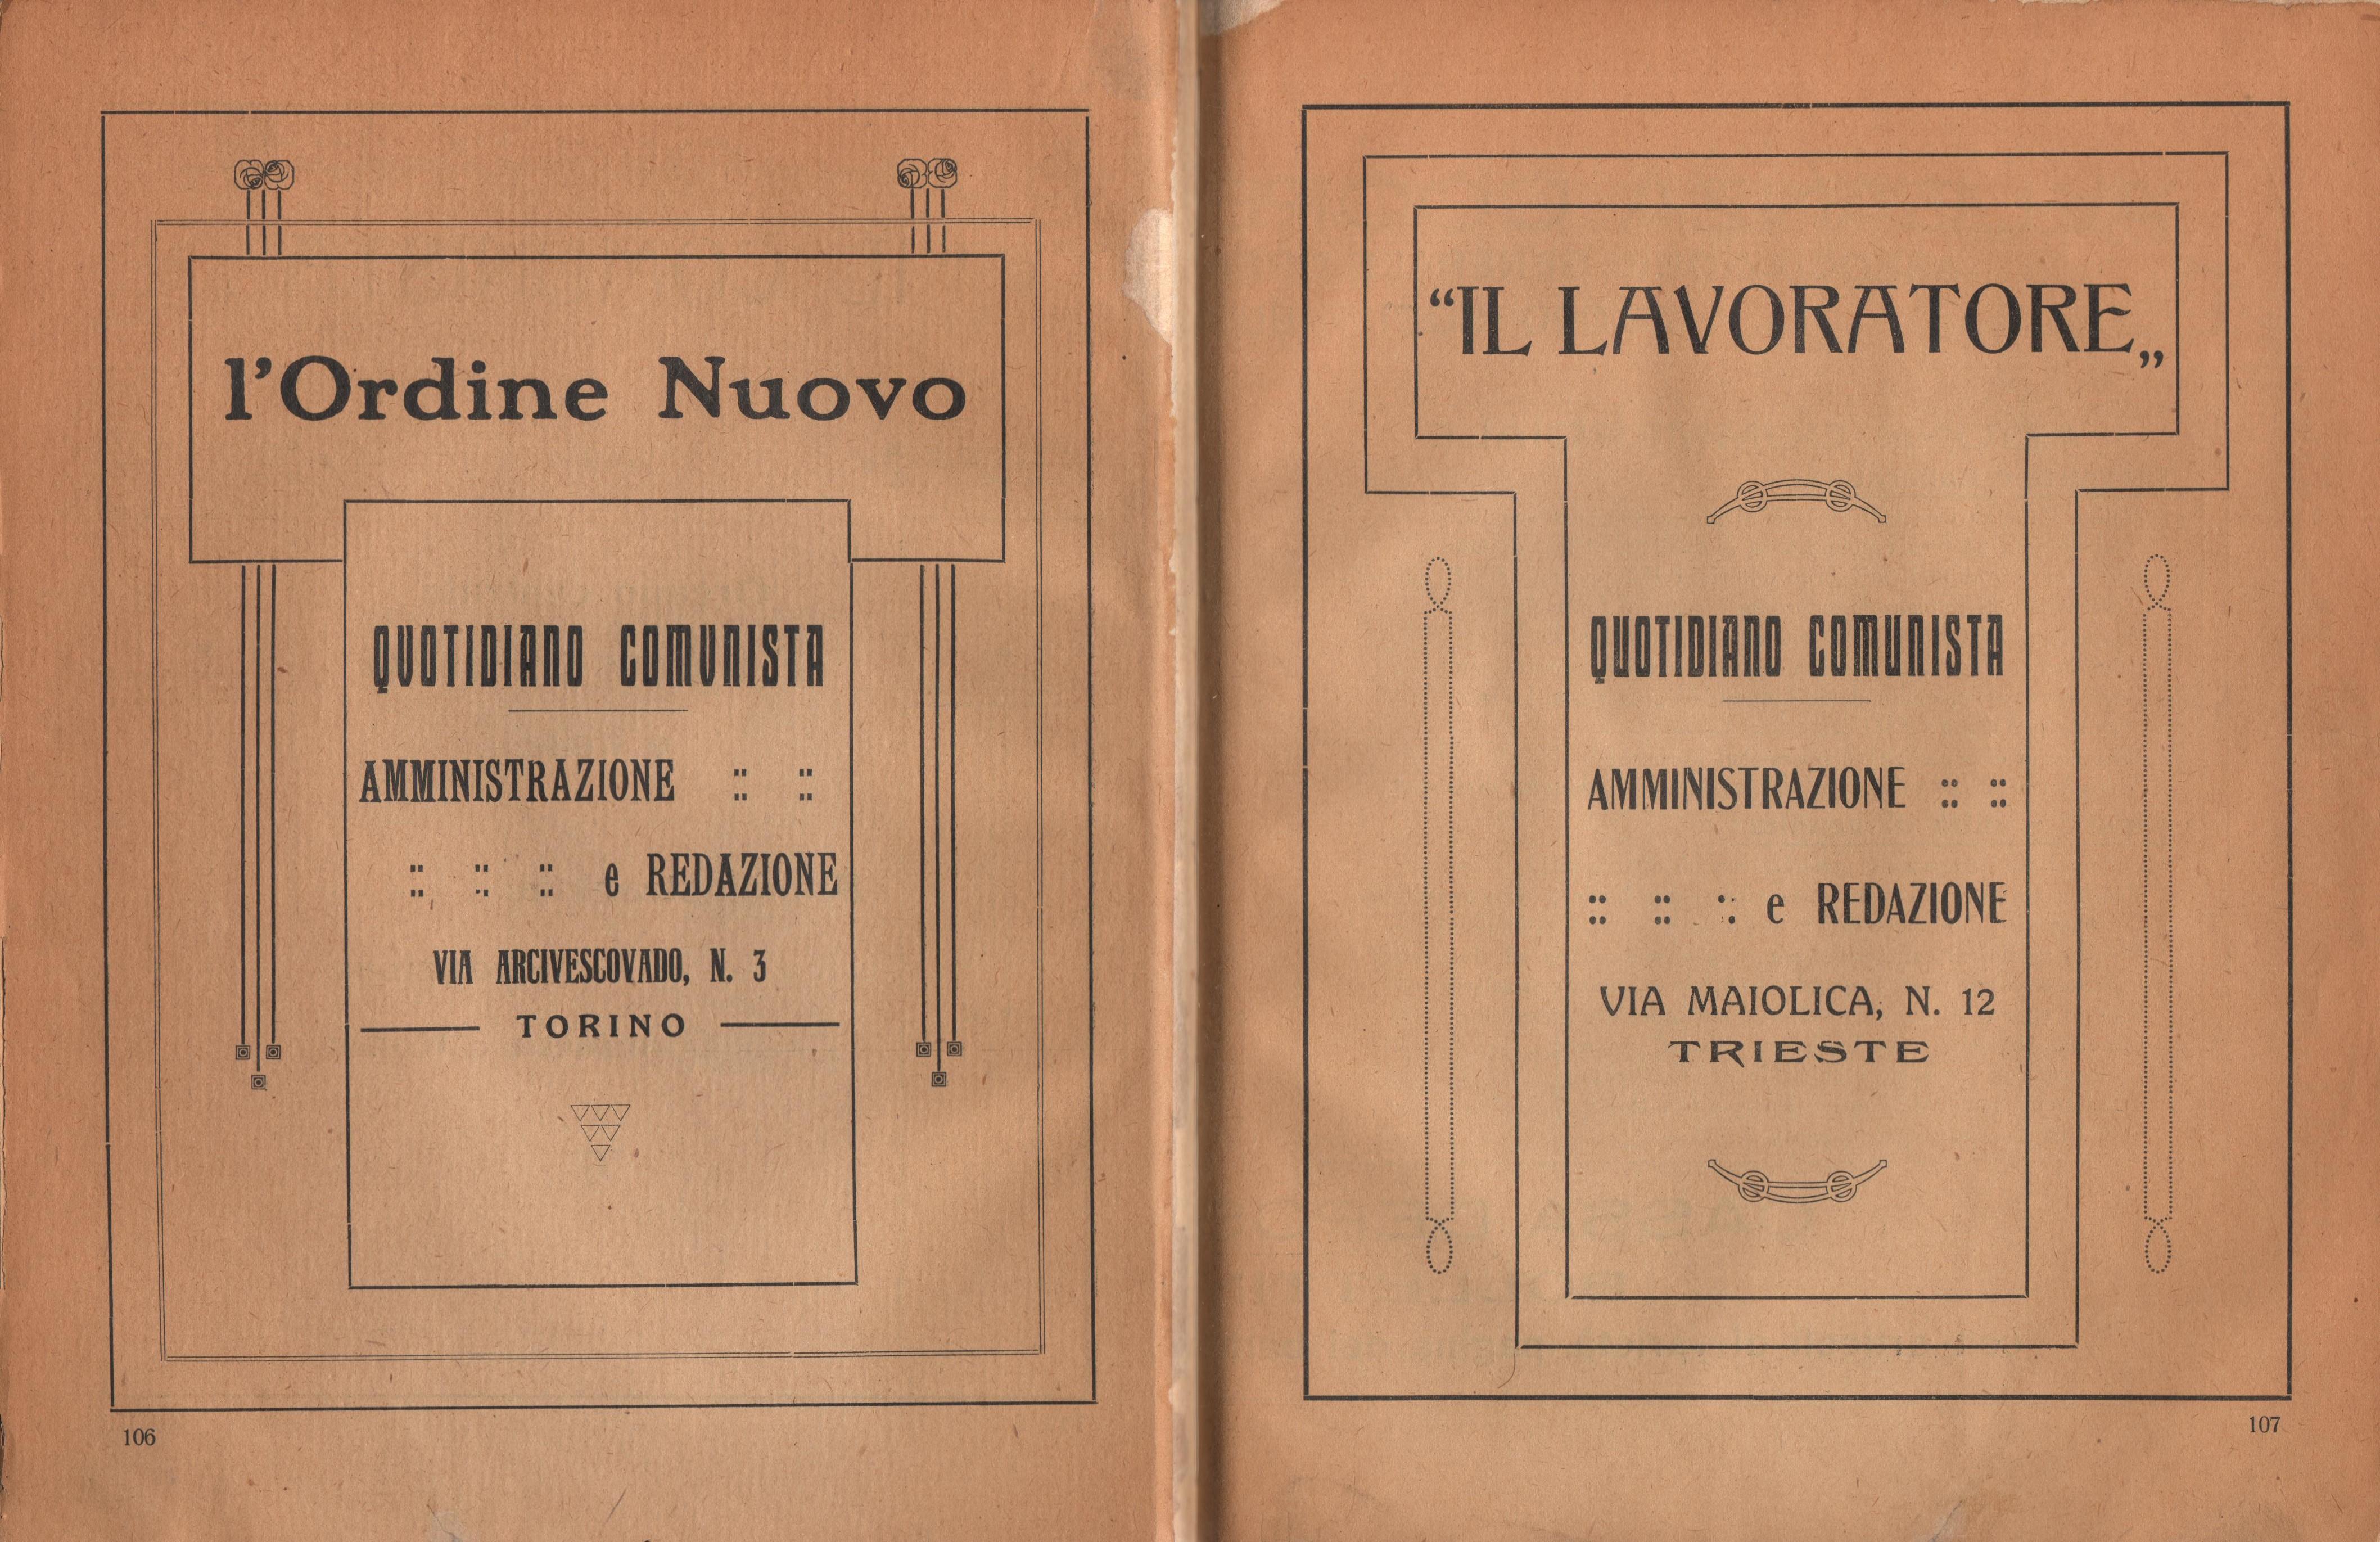 Almanacco comunista 1922 - pag. 63